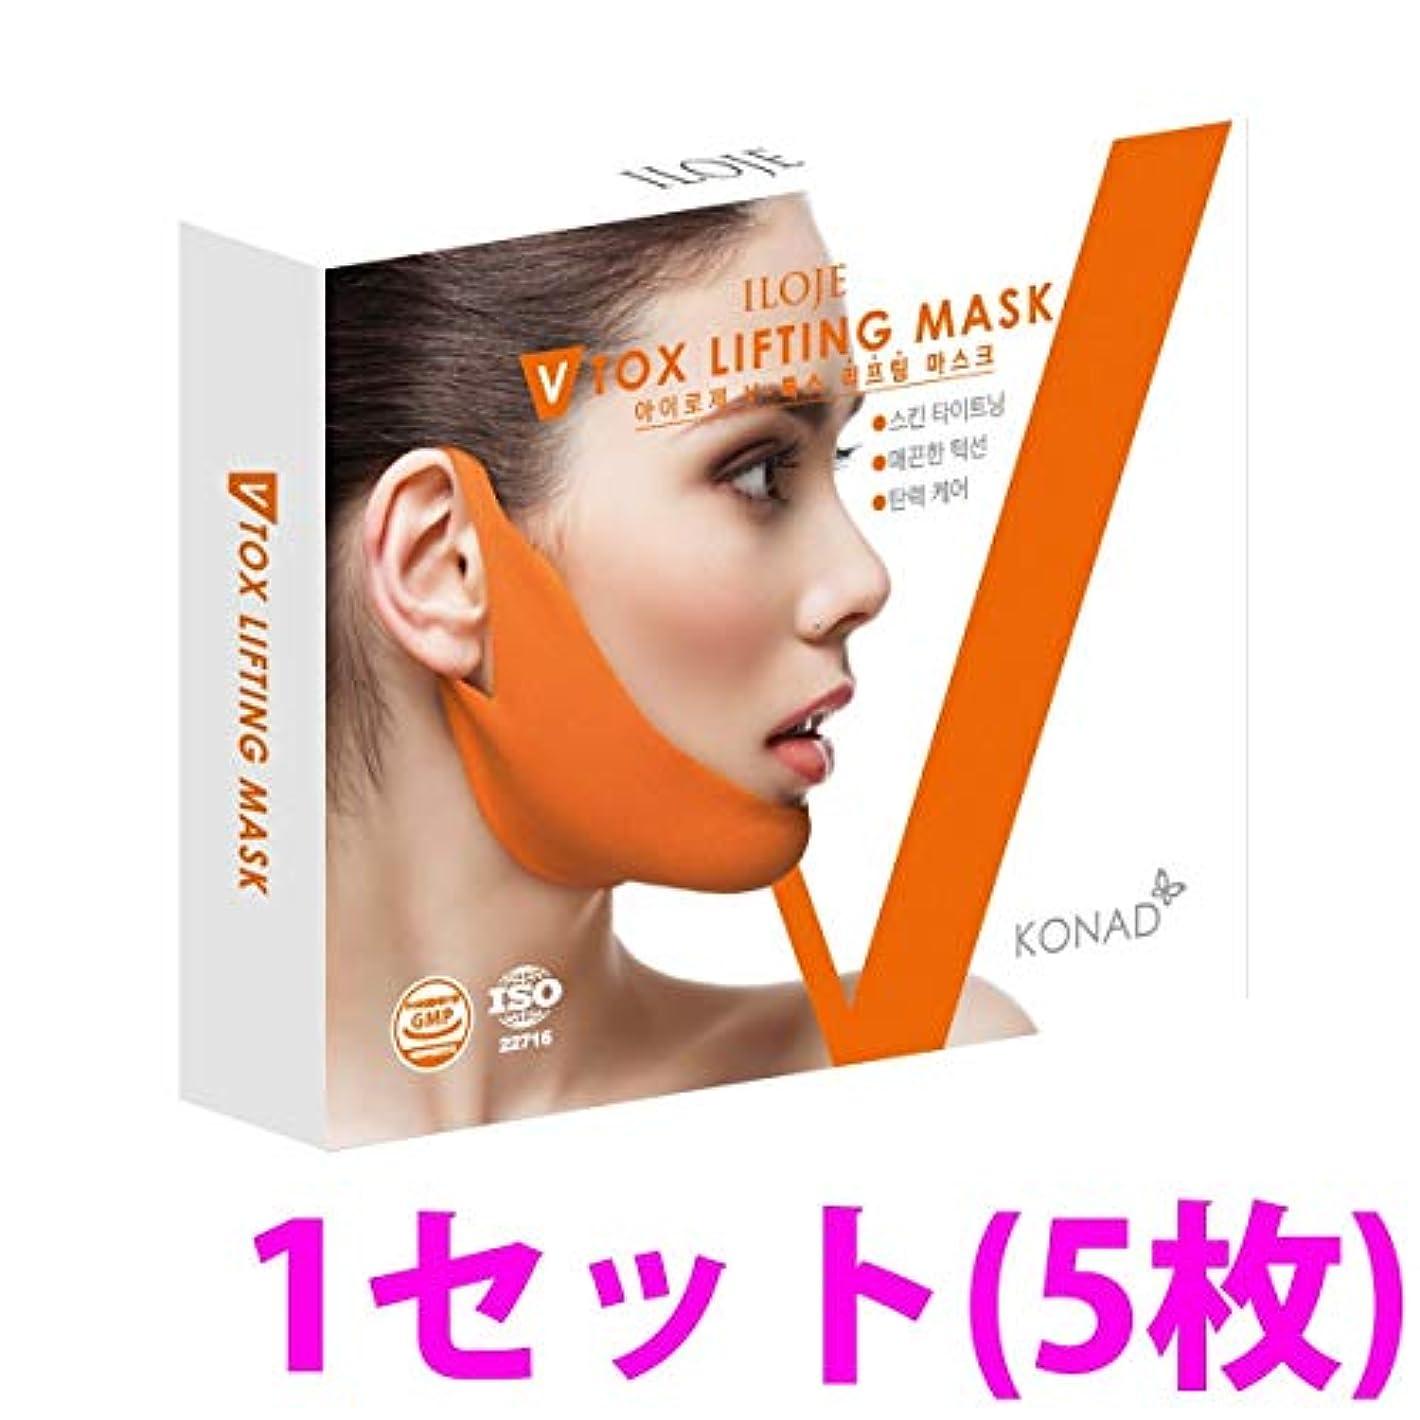 達成する鎮痛剤呼吸する女性の年齢は顎の輪郭で決まる!V-TOXリフティングマスクパック 1セット(5枚)